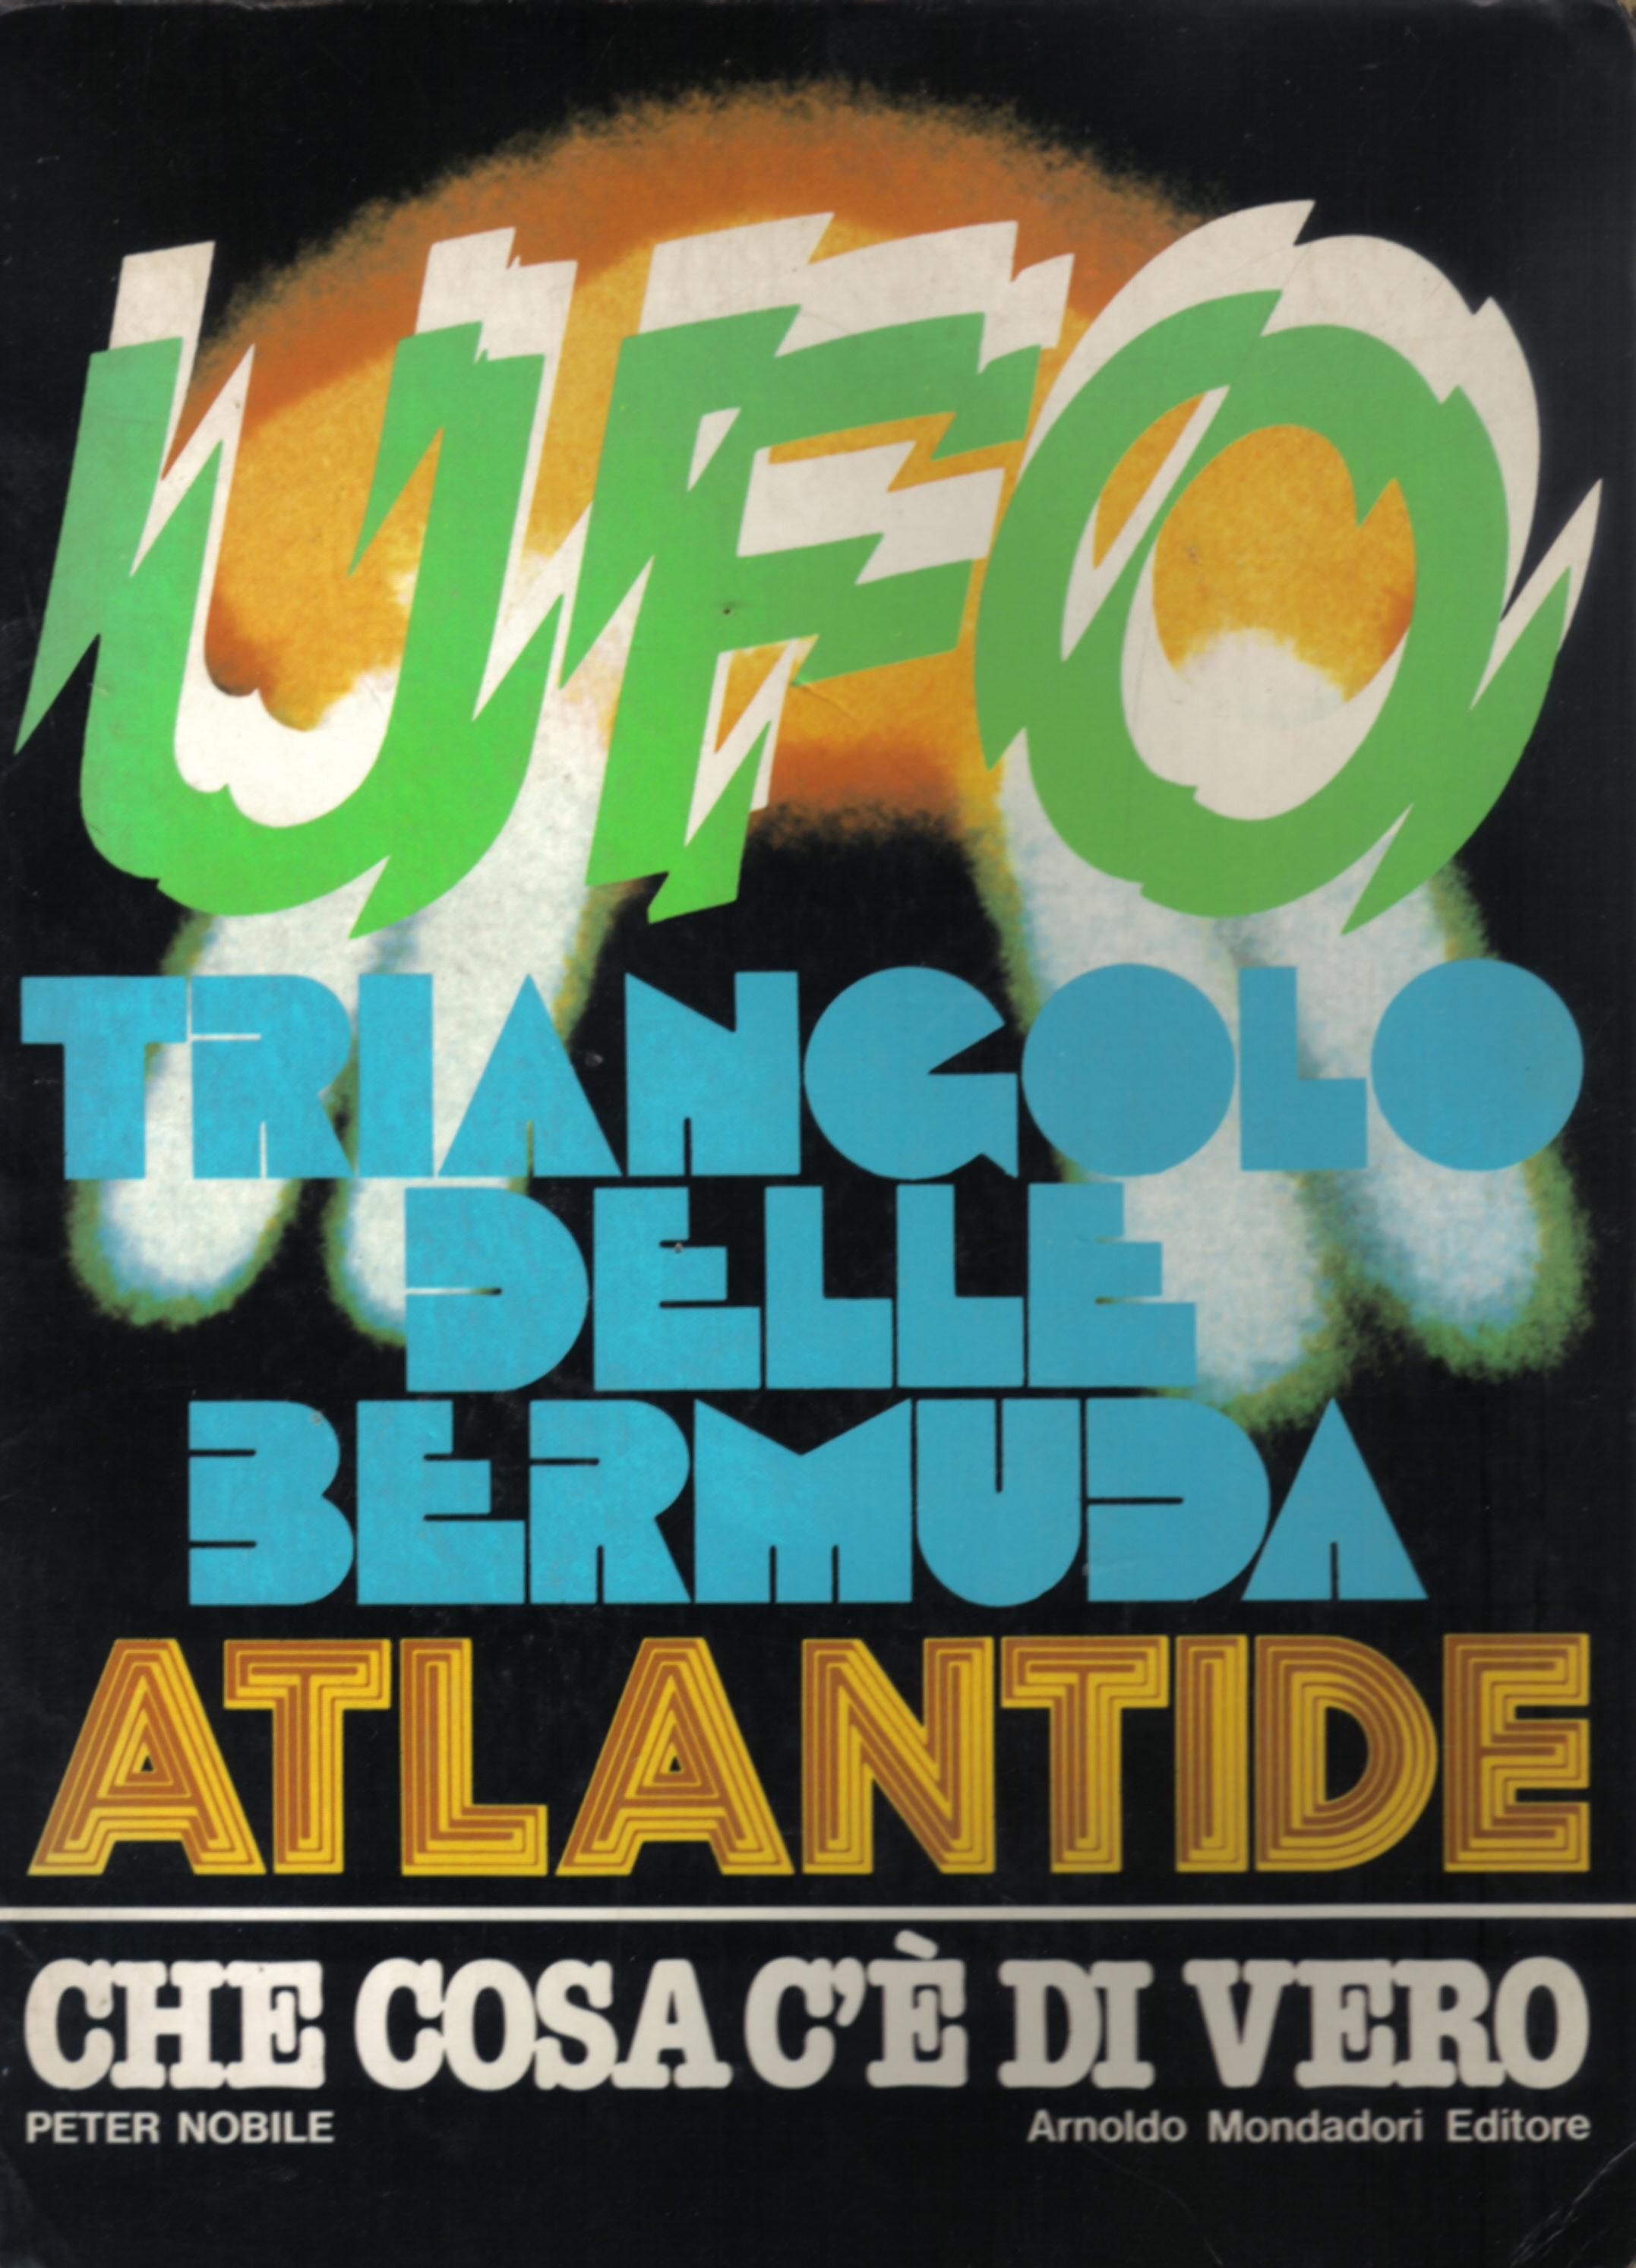 UFO - Triangolo delle Bermuda - Atlantide